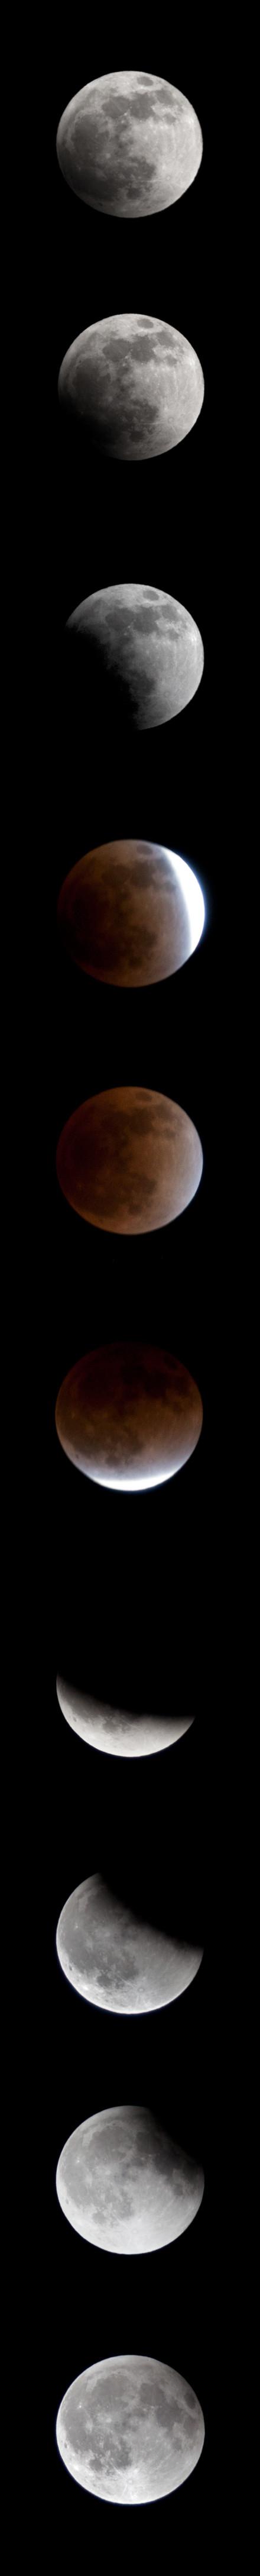 2011年12月10日,月全食